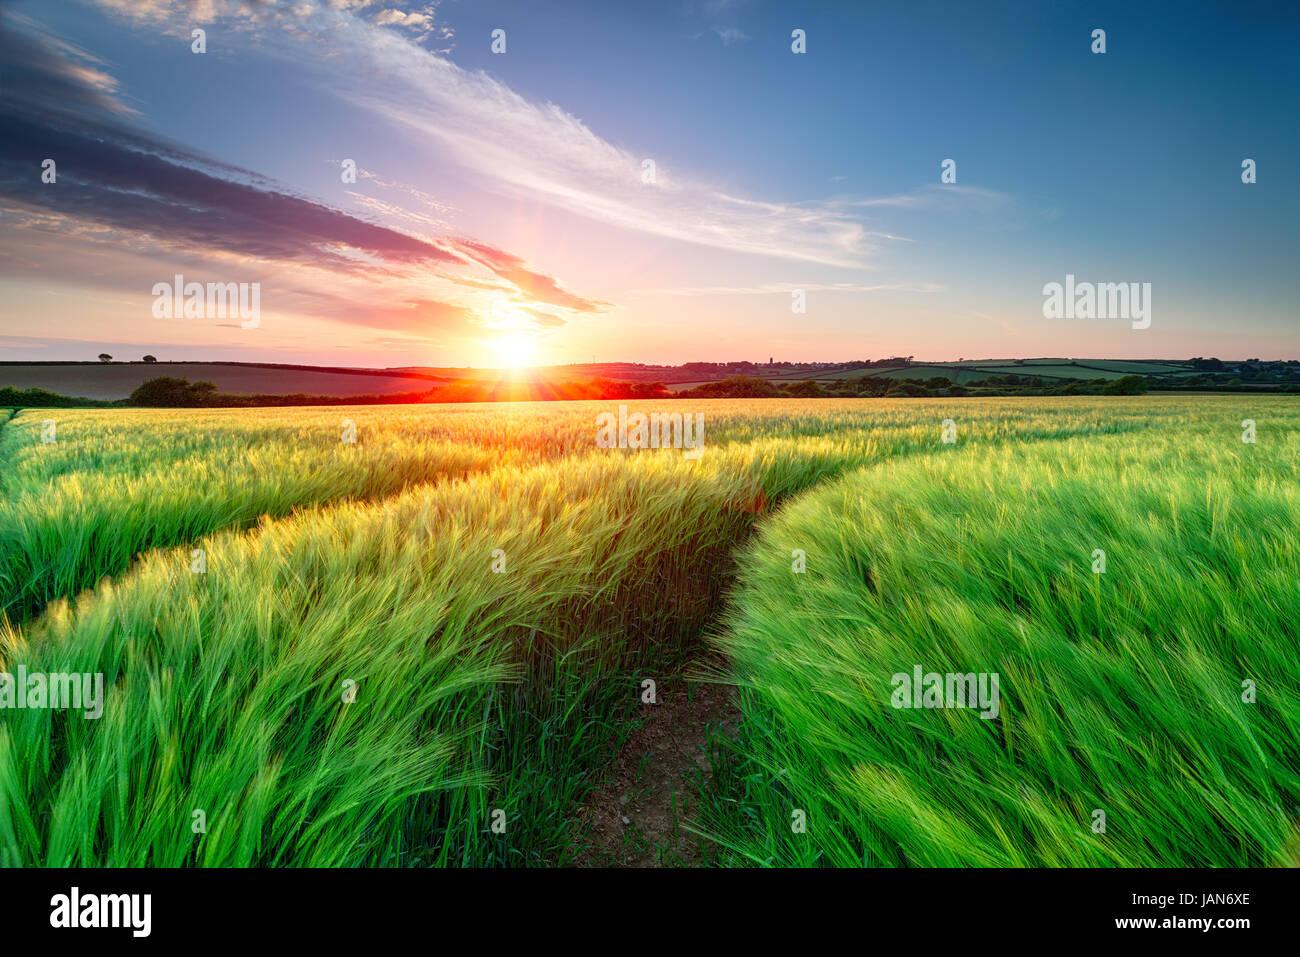 L'été glorieux coucher de soleil sur les champs d'orge de maturation dans la campagne près Photo Stock